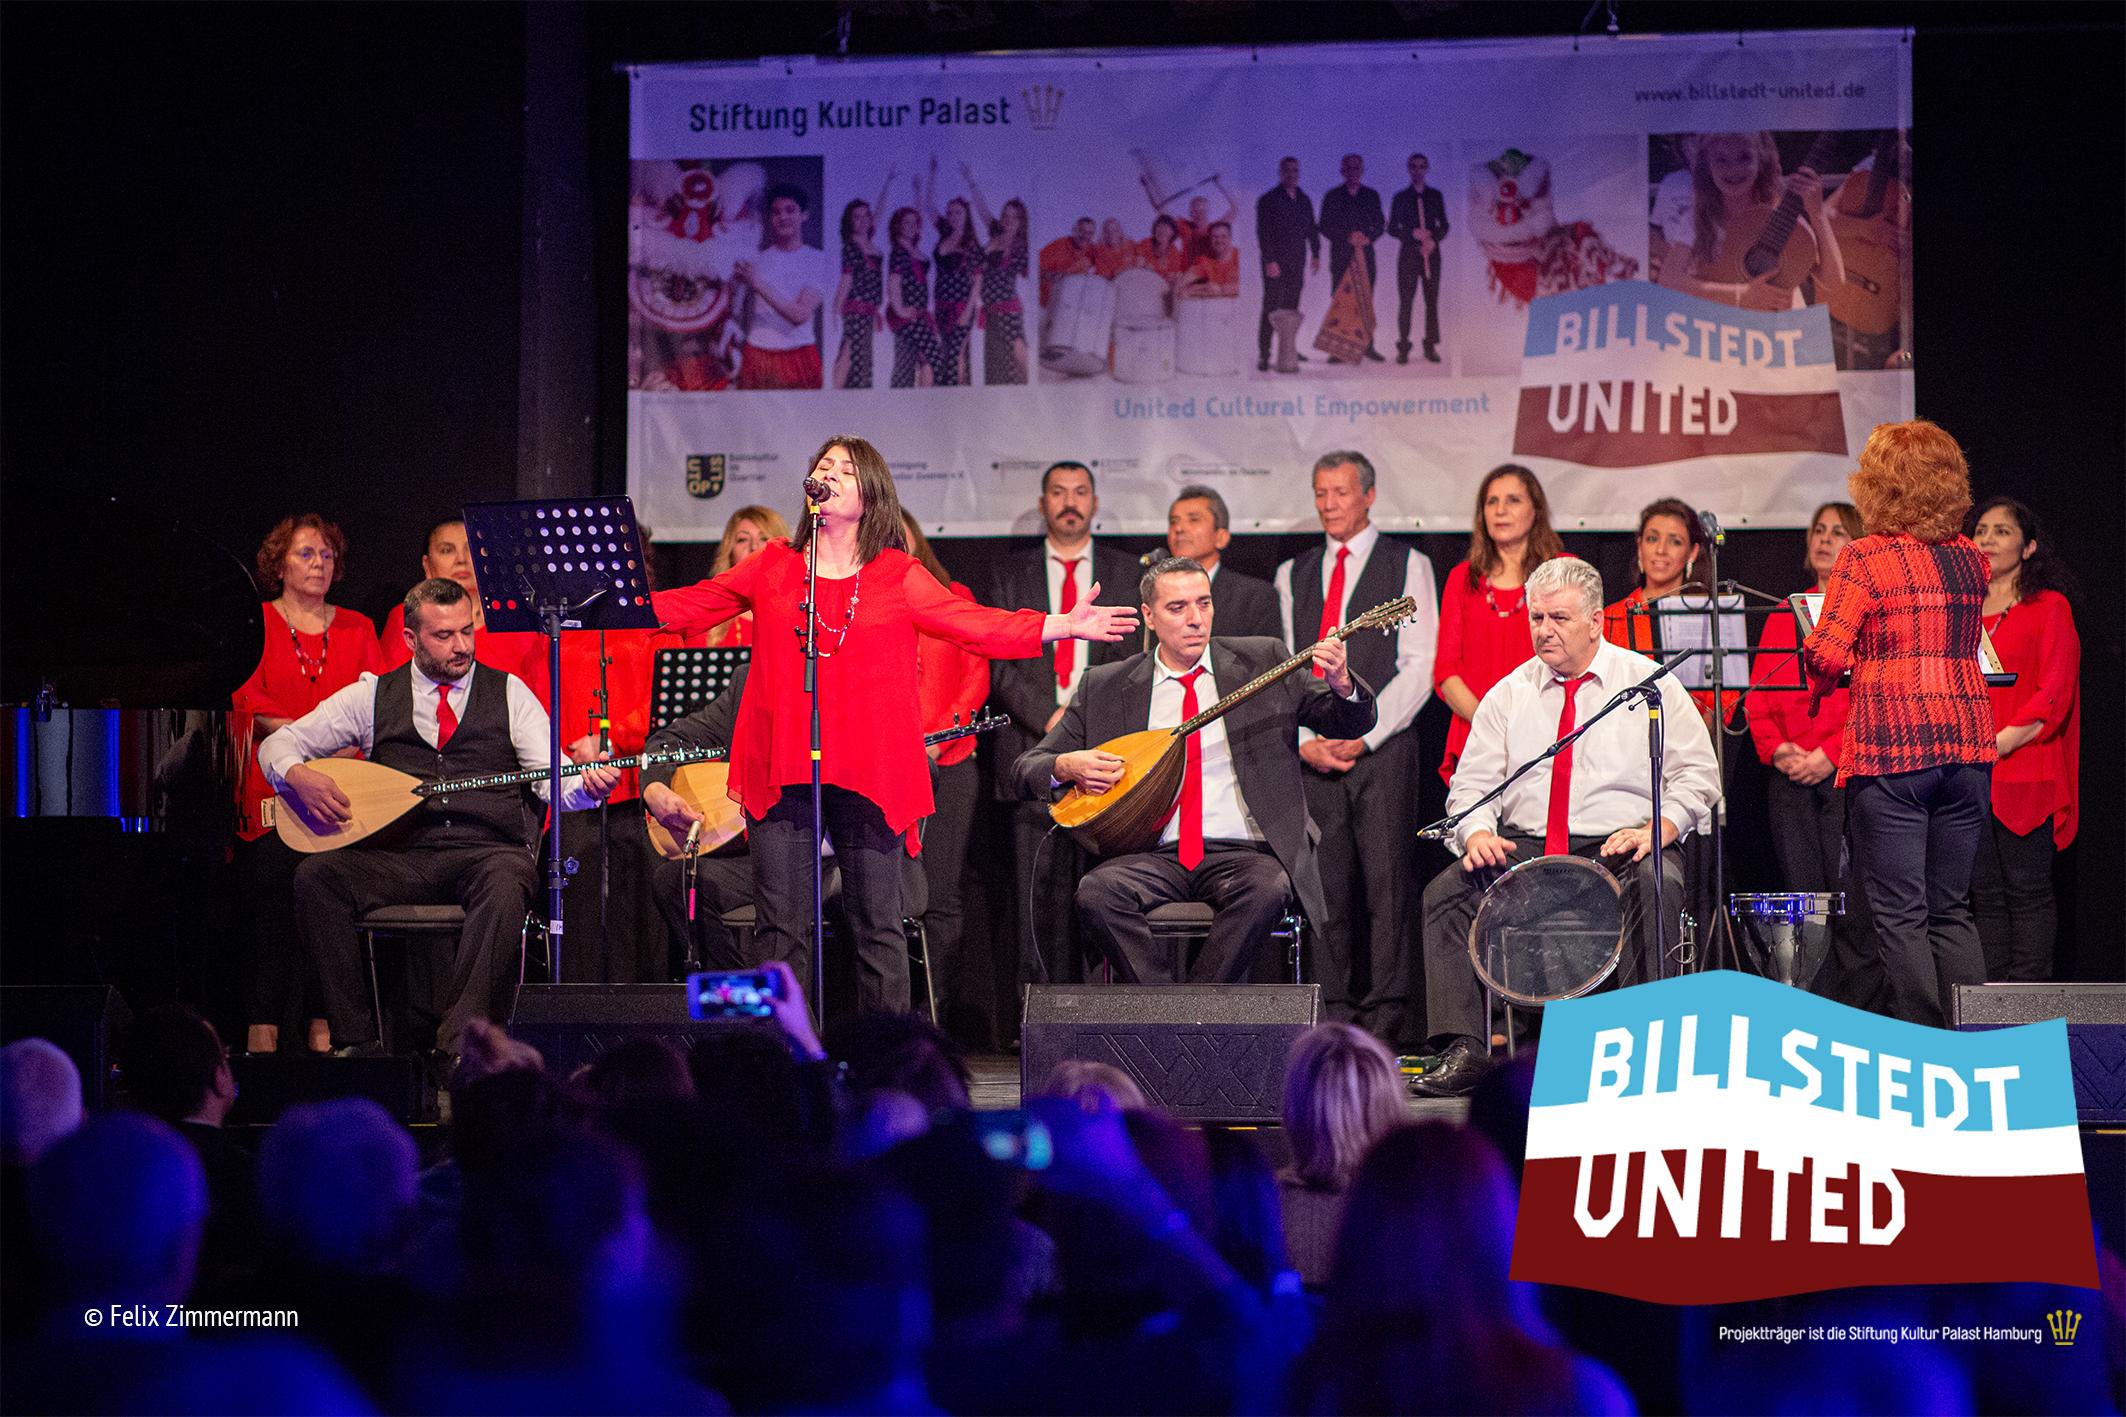 Eine Sängerin in rot steht vor einer Musikgruppe von vier Personen, die im Halbkreis sitzen. in der hinteren Reihe steht ein Chor von rd 12 Personen. SIe sind alle in rot und schwarz TÖnen gekleidet. Die SÄngerin hat die AUgen geschlossen und die Arme ausgebreitet